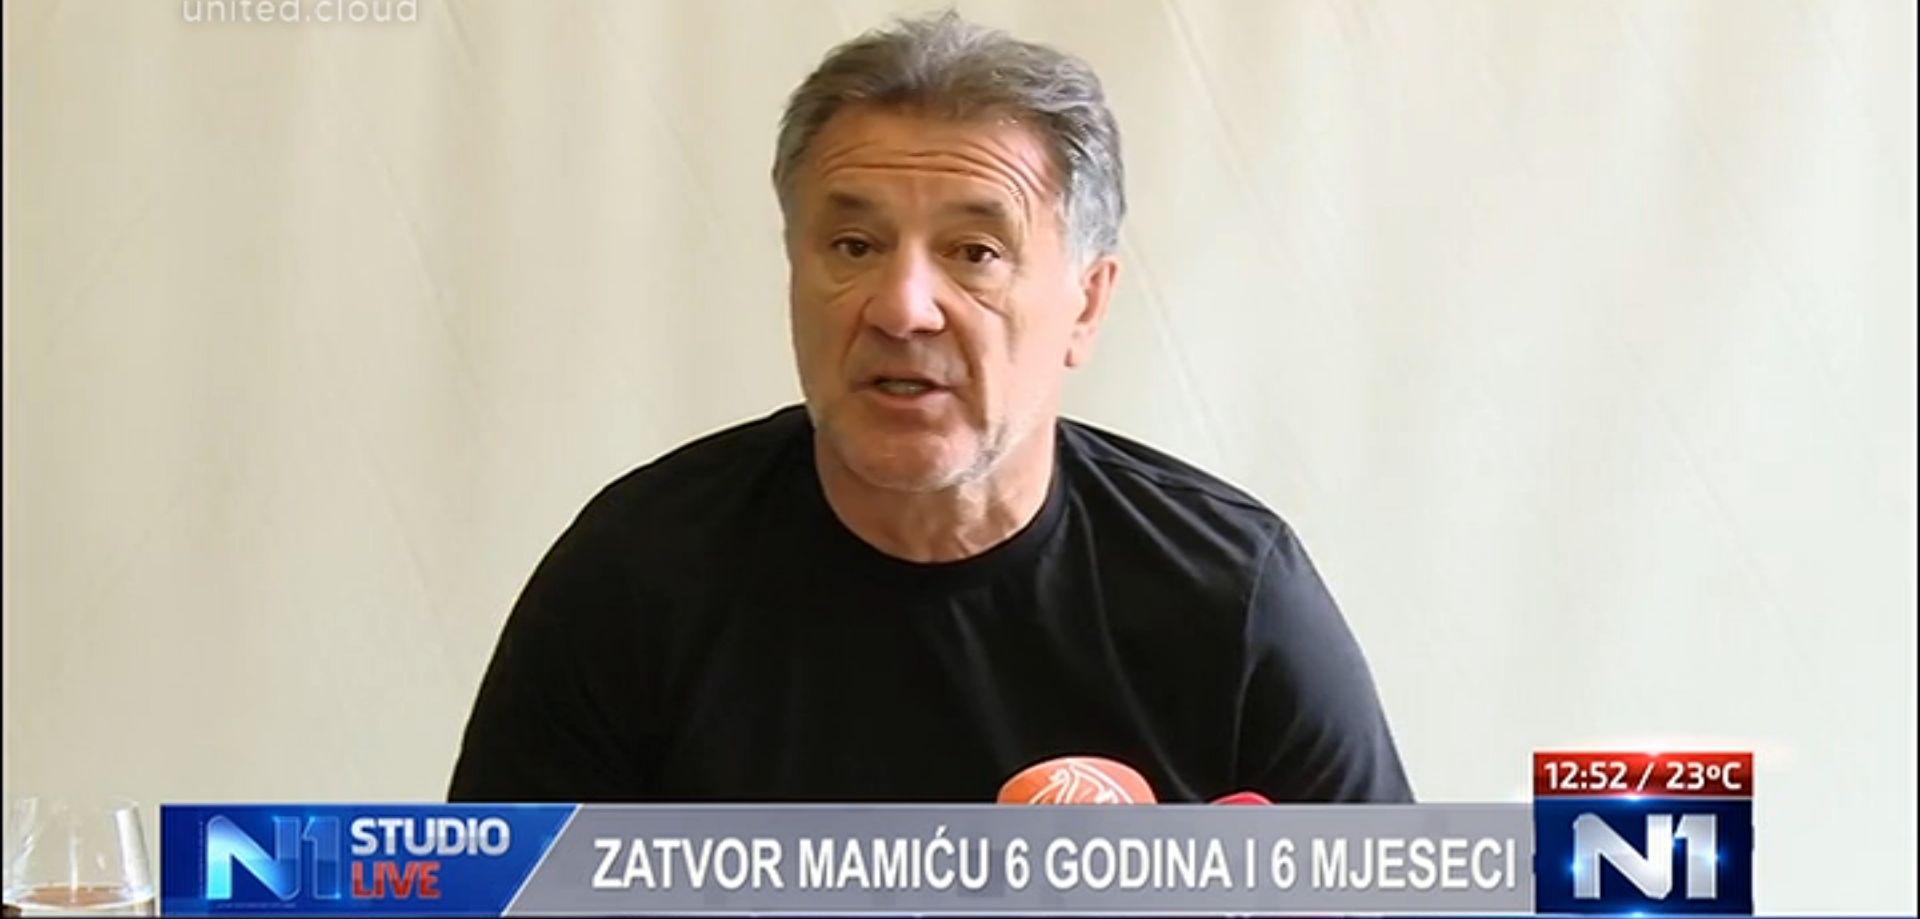 Bjegunac Mamić u Tomislavgradu zatražio osobnu iskaznicu